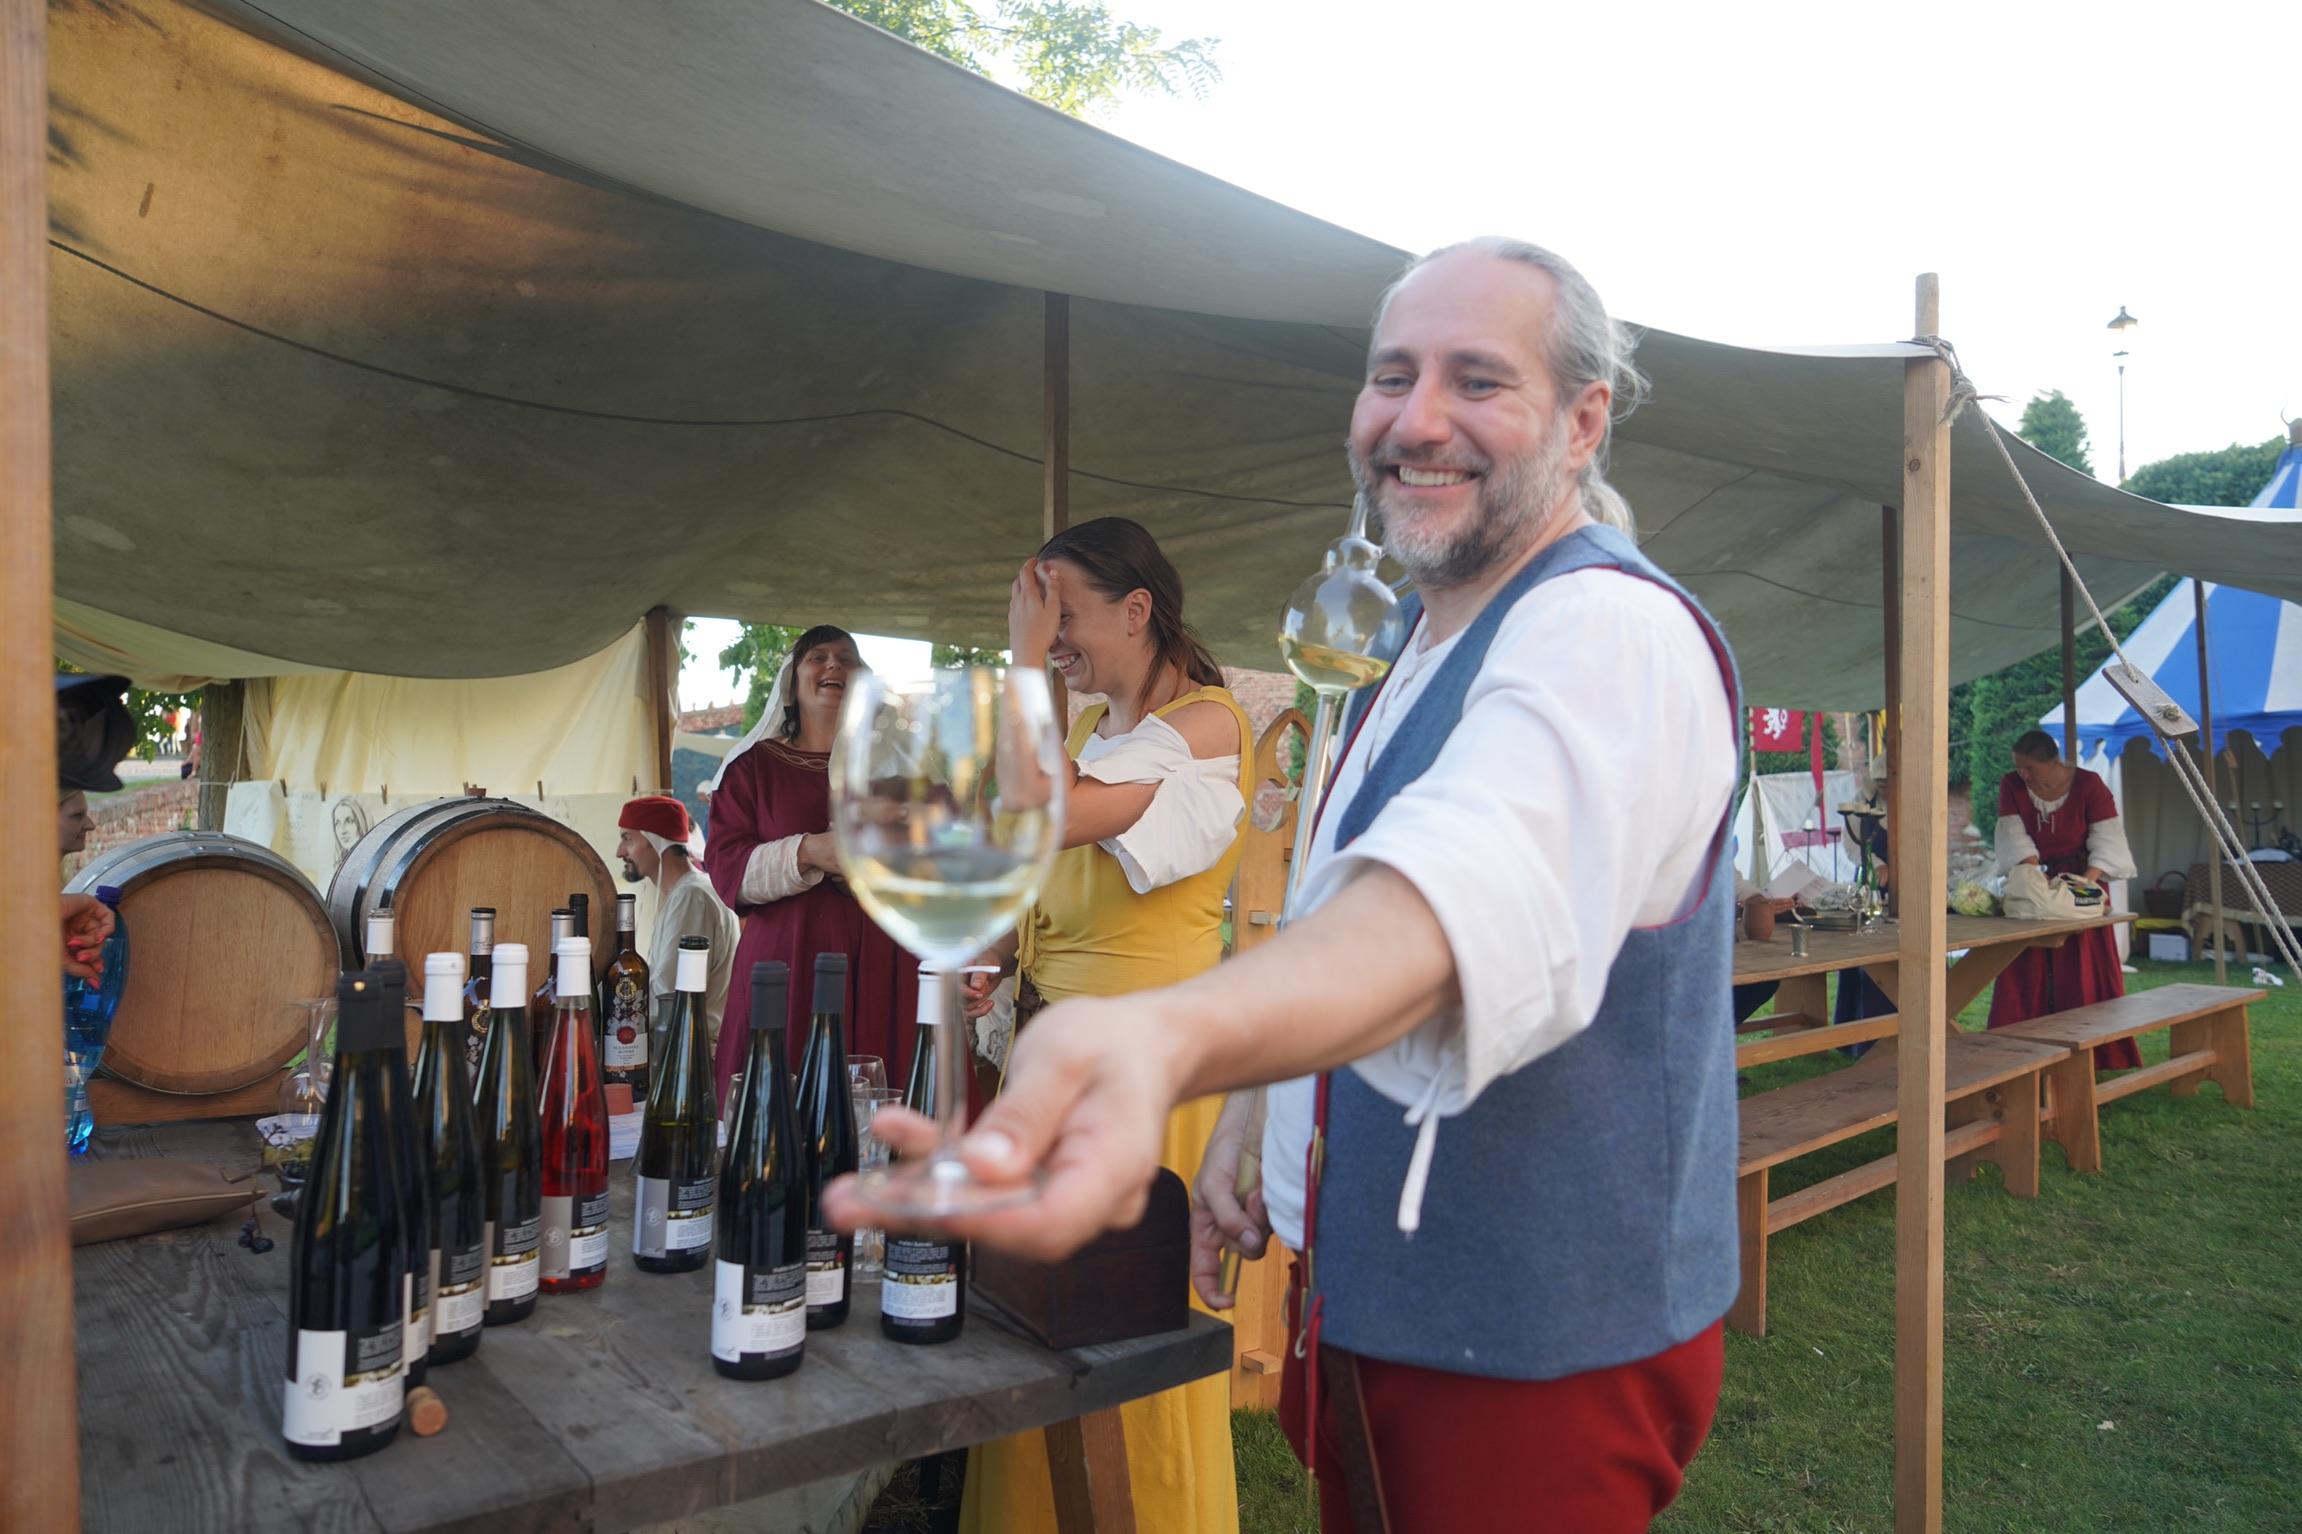 【初めてのチェコ旅】ミクロフ パーラヴァぶどう収穫祭(Palavske vinobrani)でしたい5つのこと